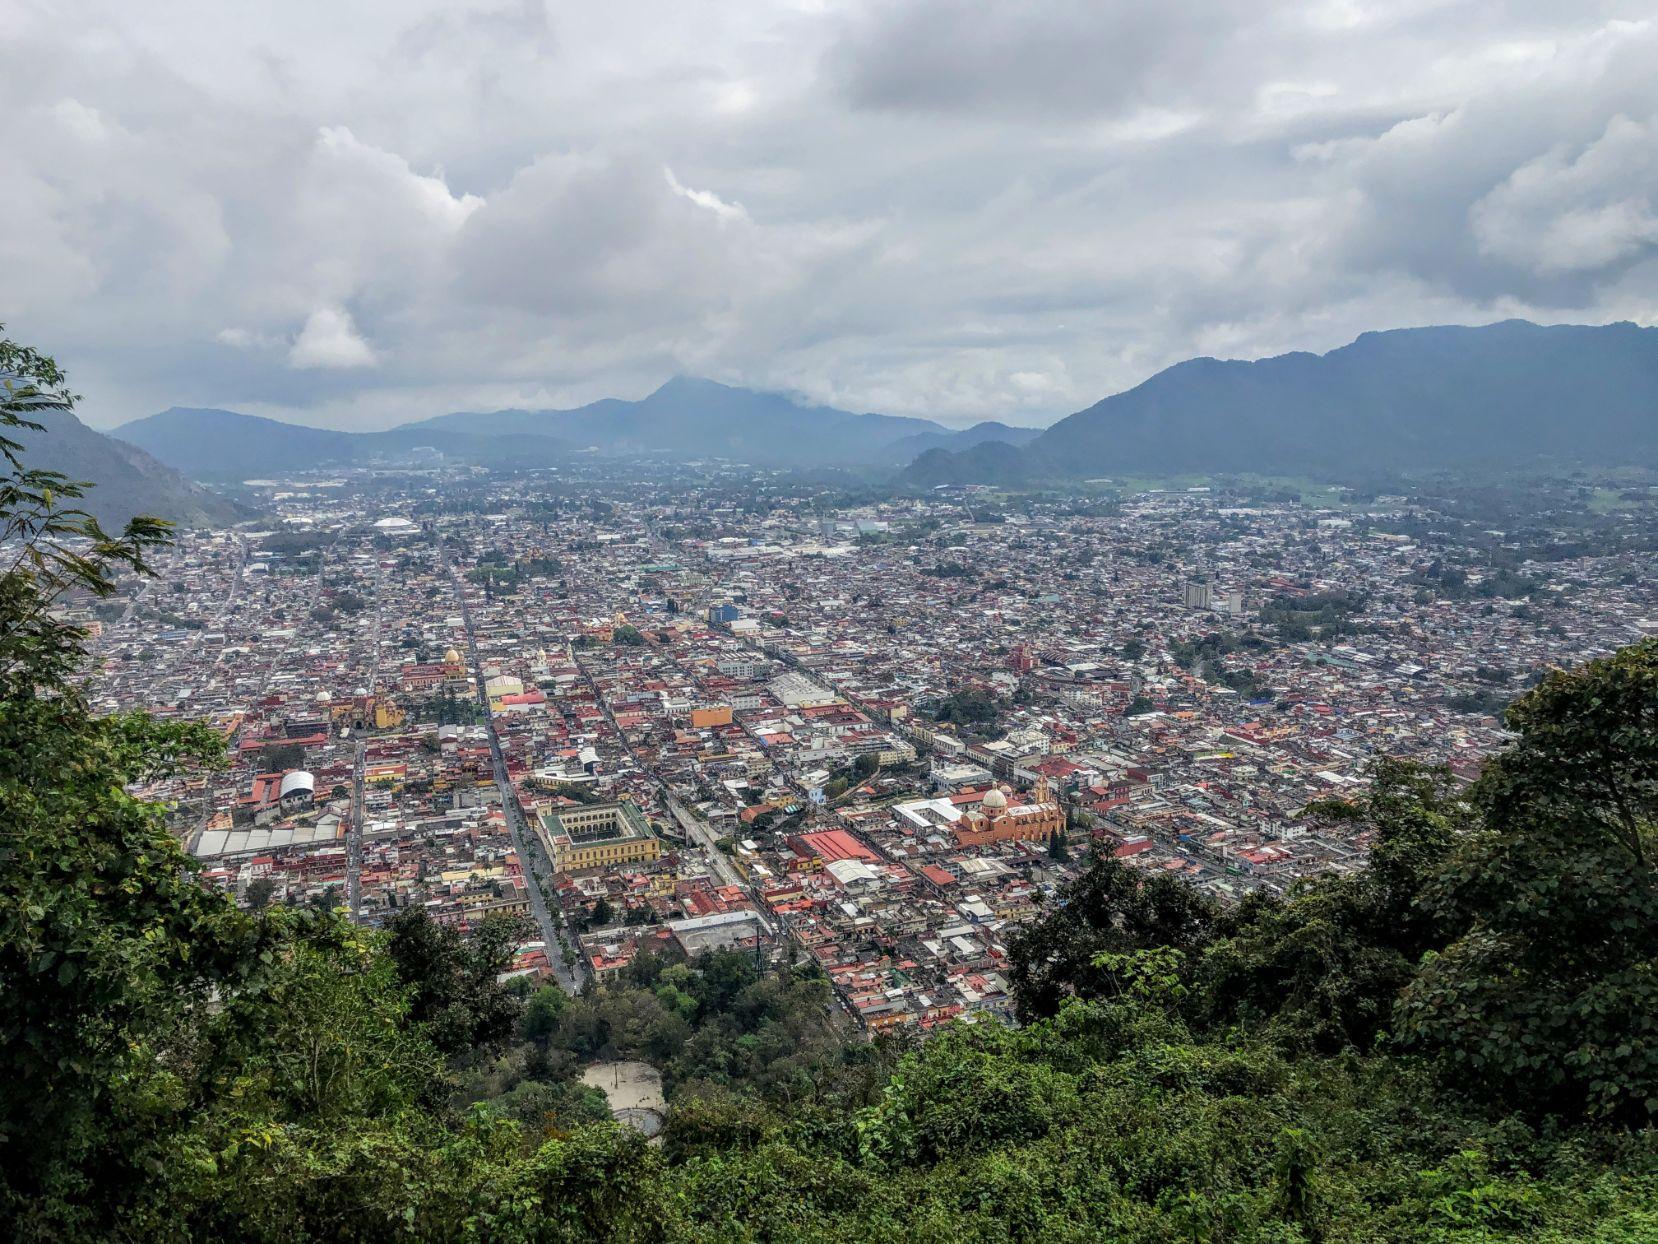 View of Orizaba from Cerro del Borrego Ecoparque